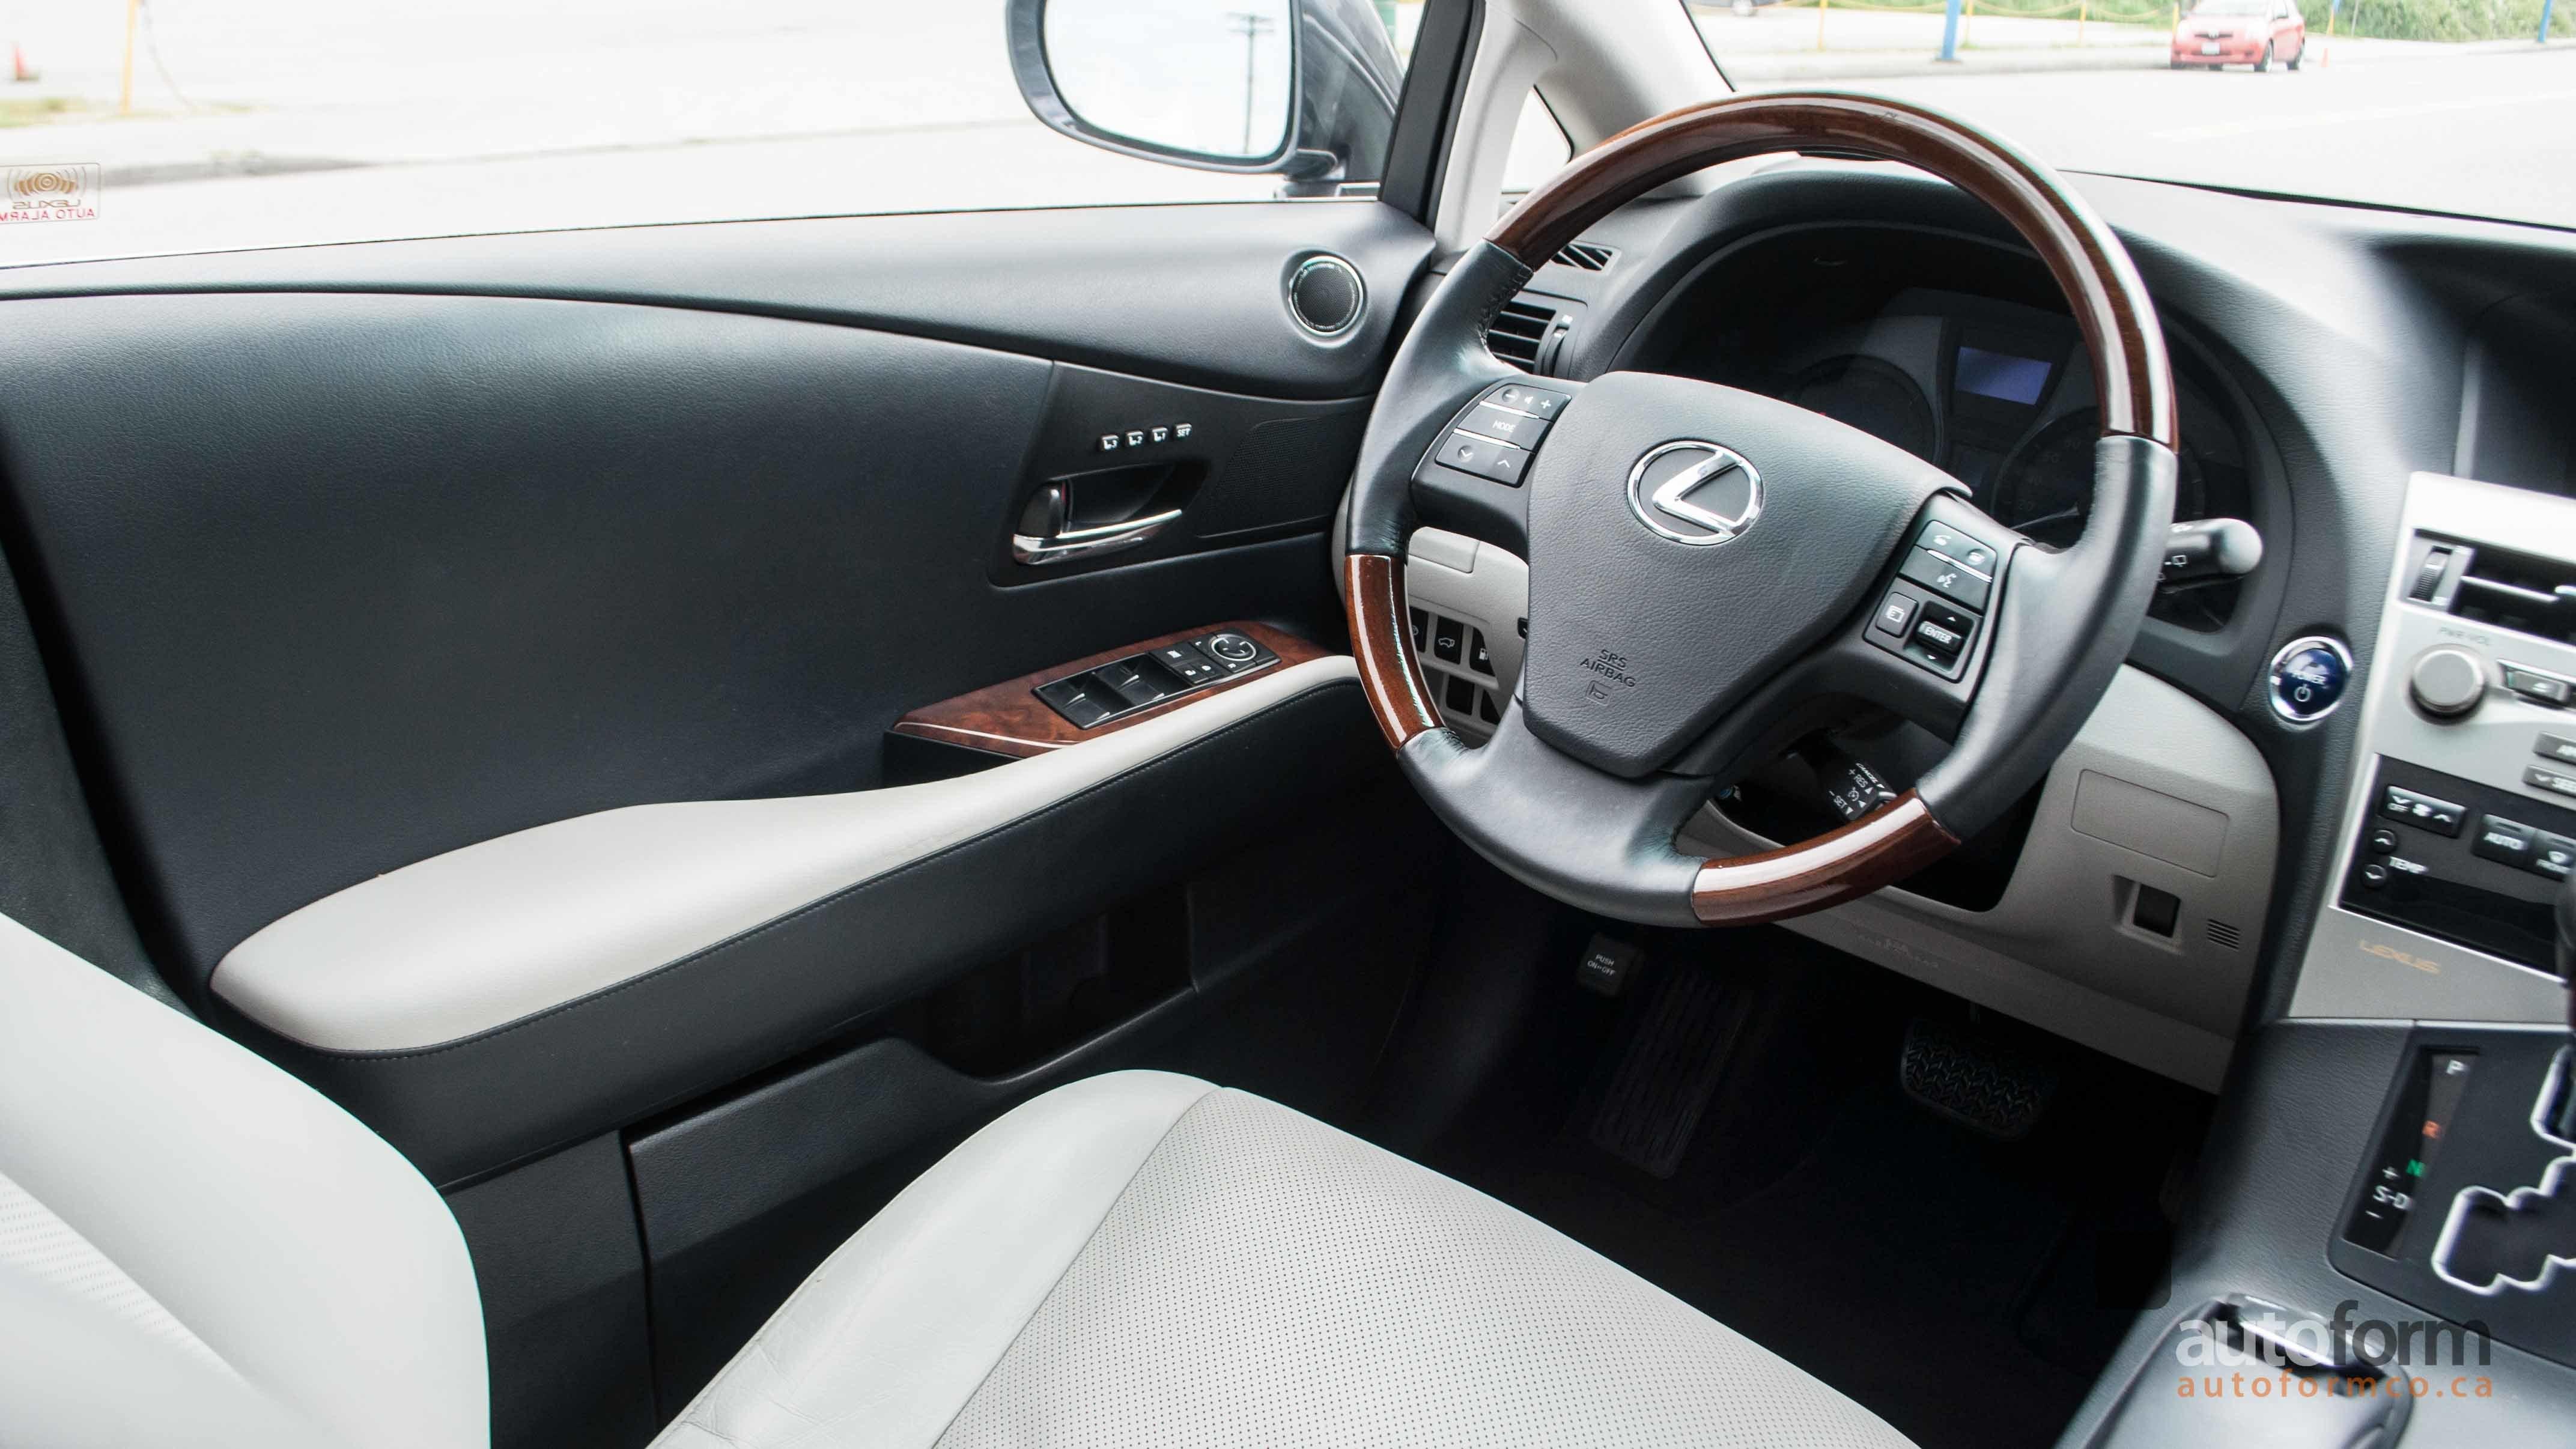 vehicles rx autoform awd lexus hybrid lease vancouver